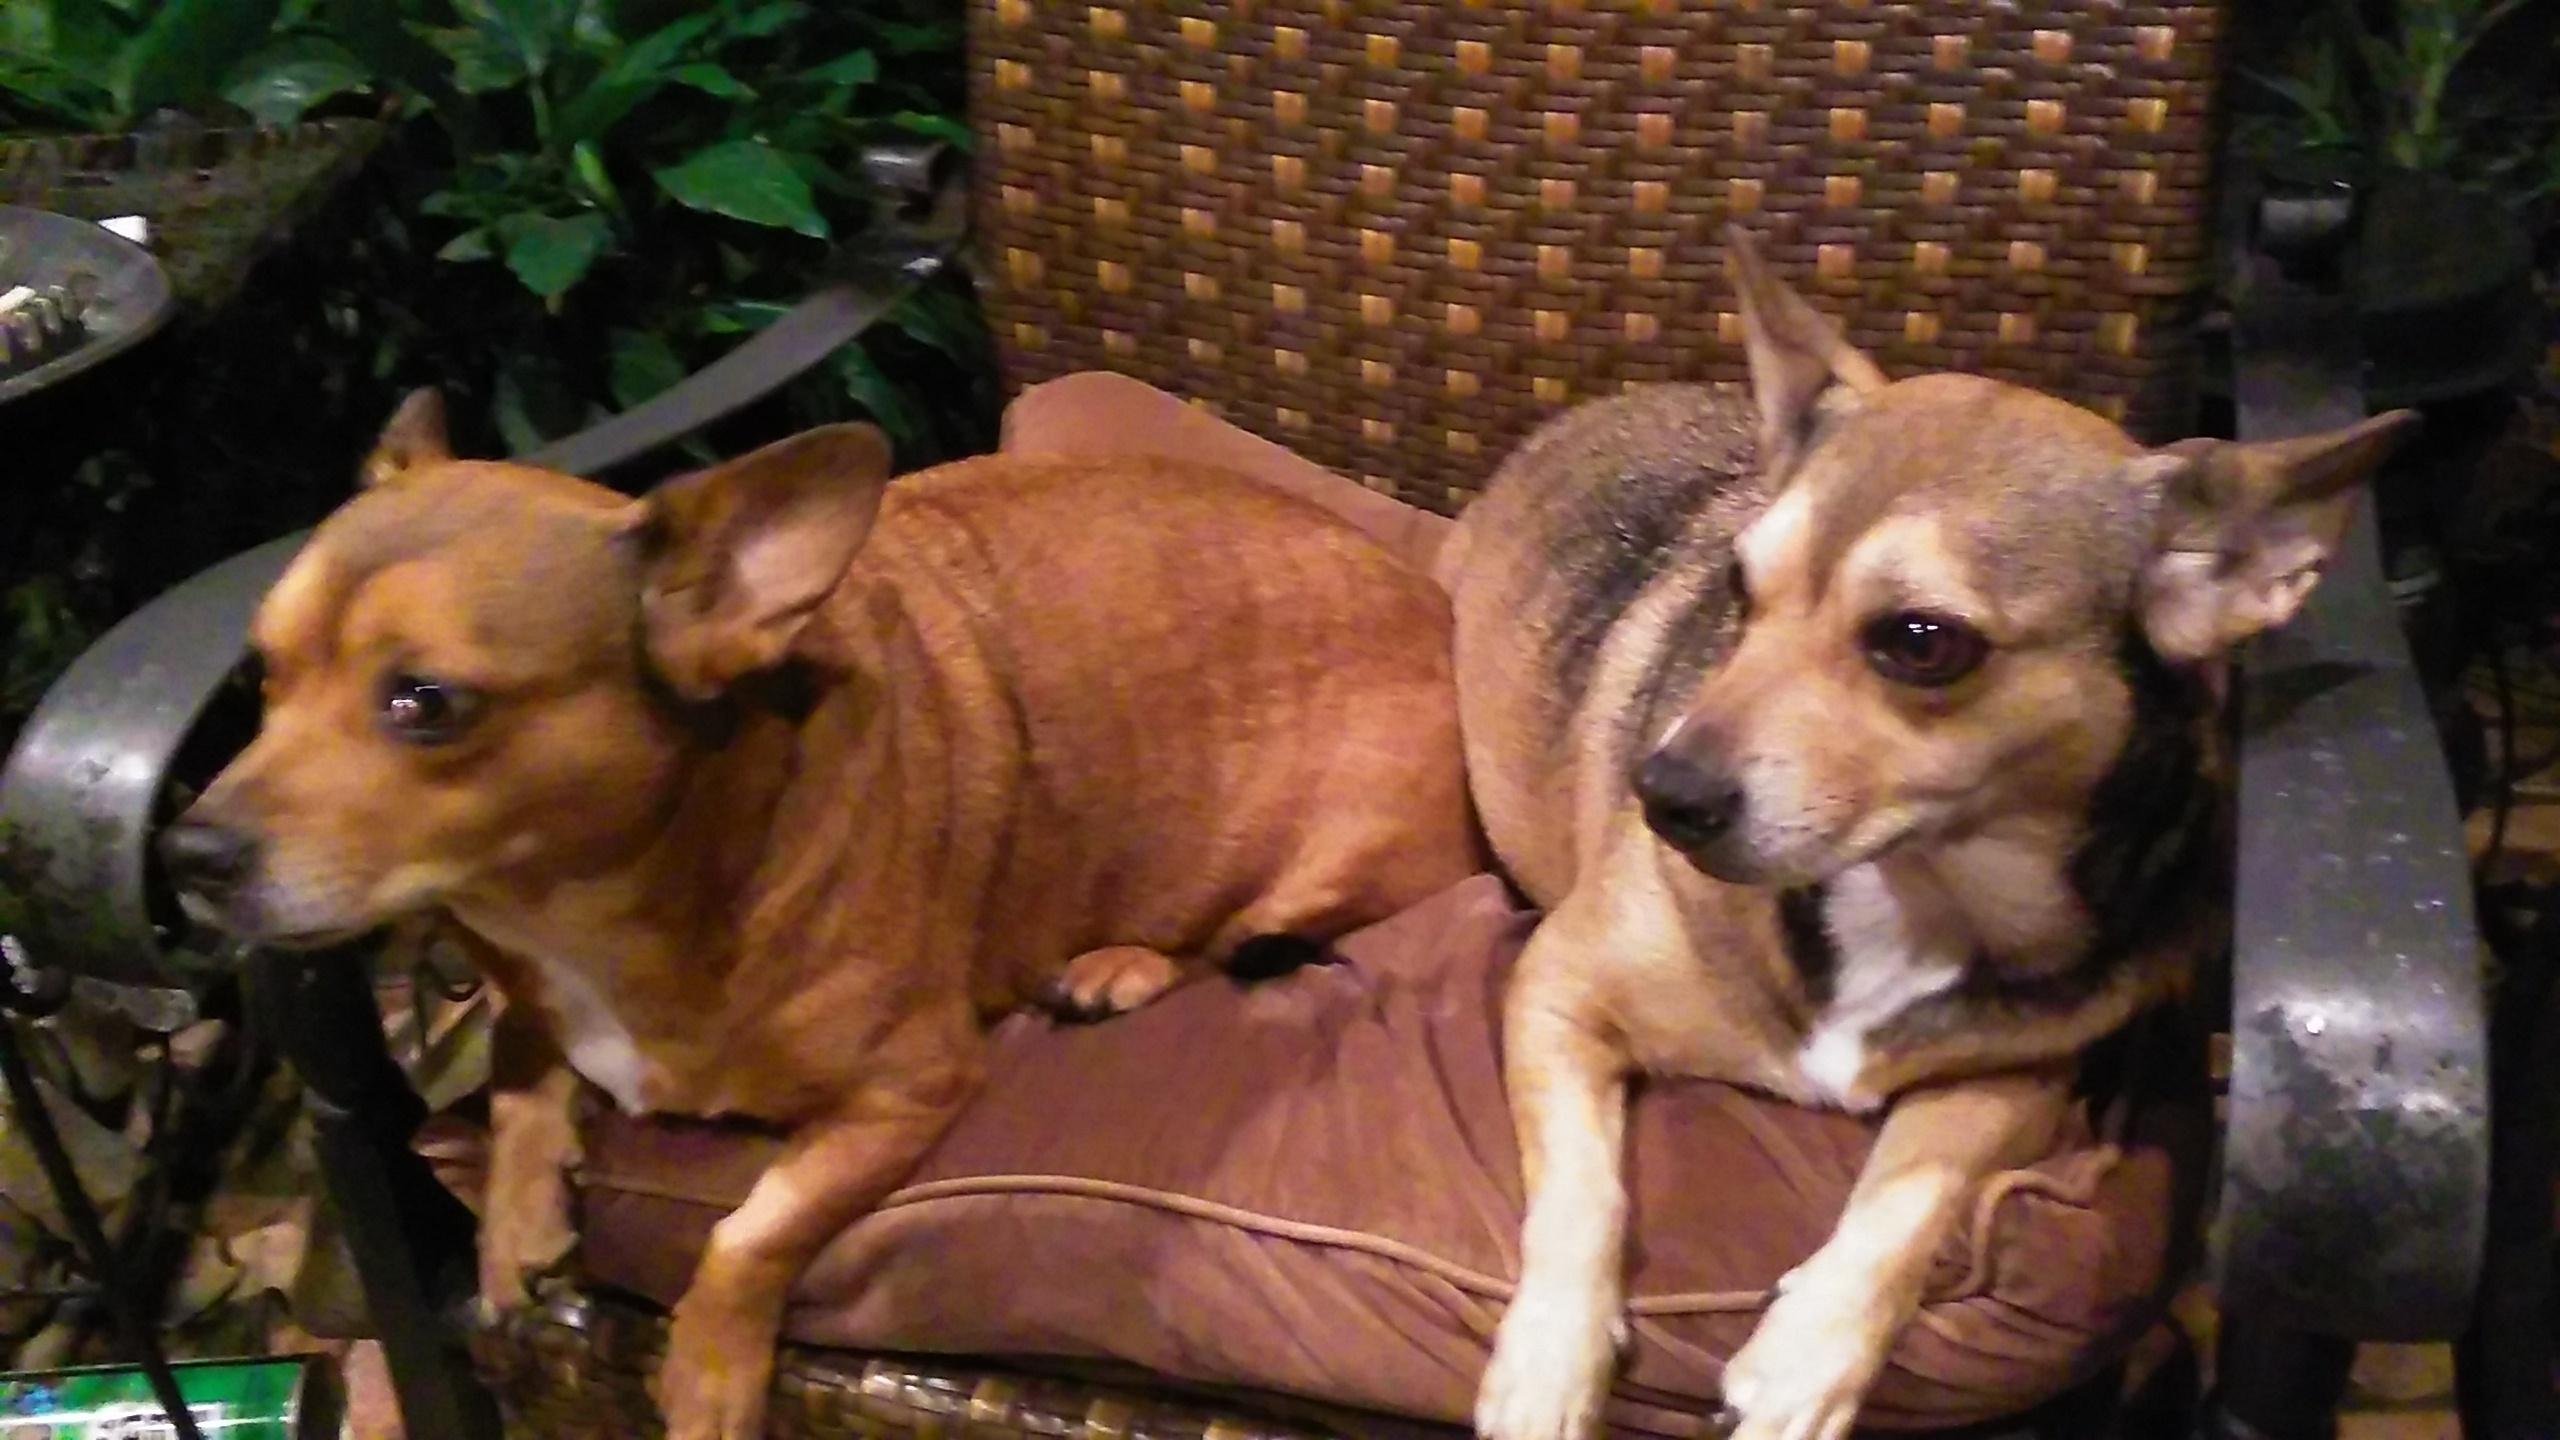 Thelmaandlouise_SprayerDepot_Dogs.jpg